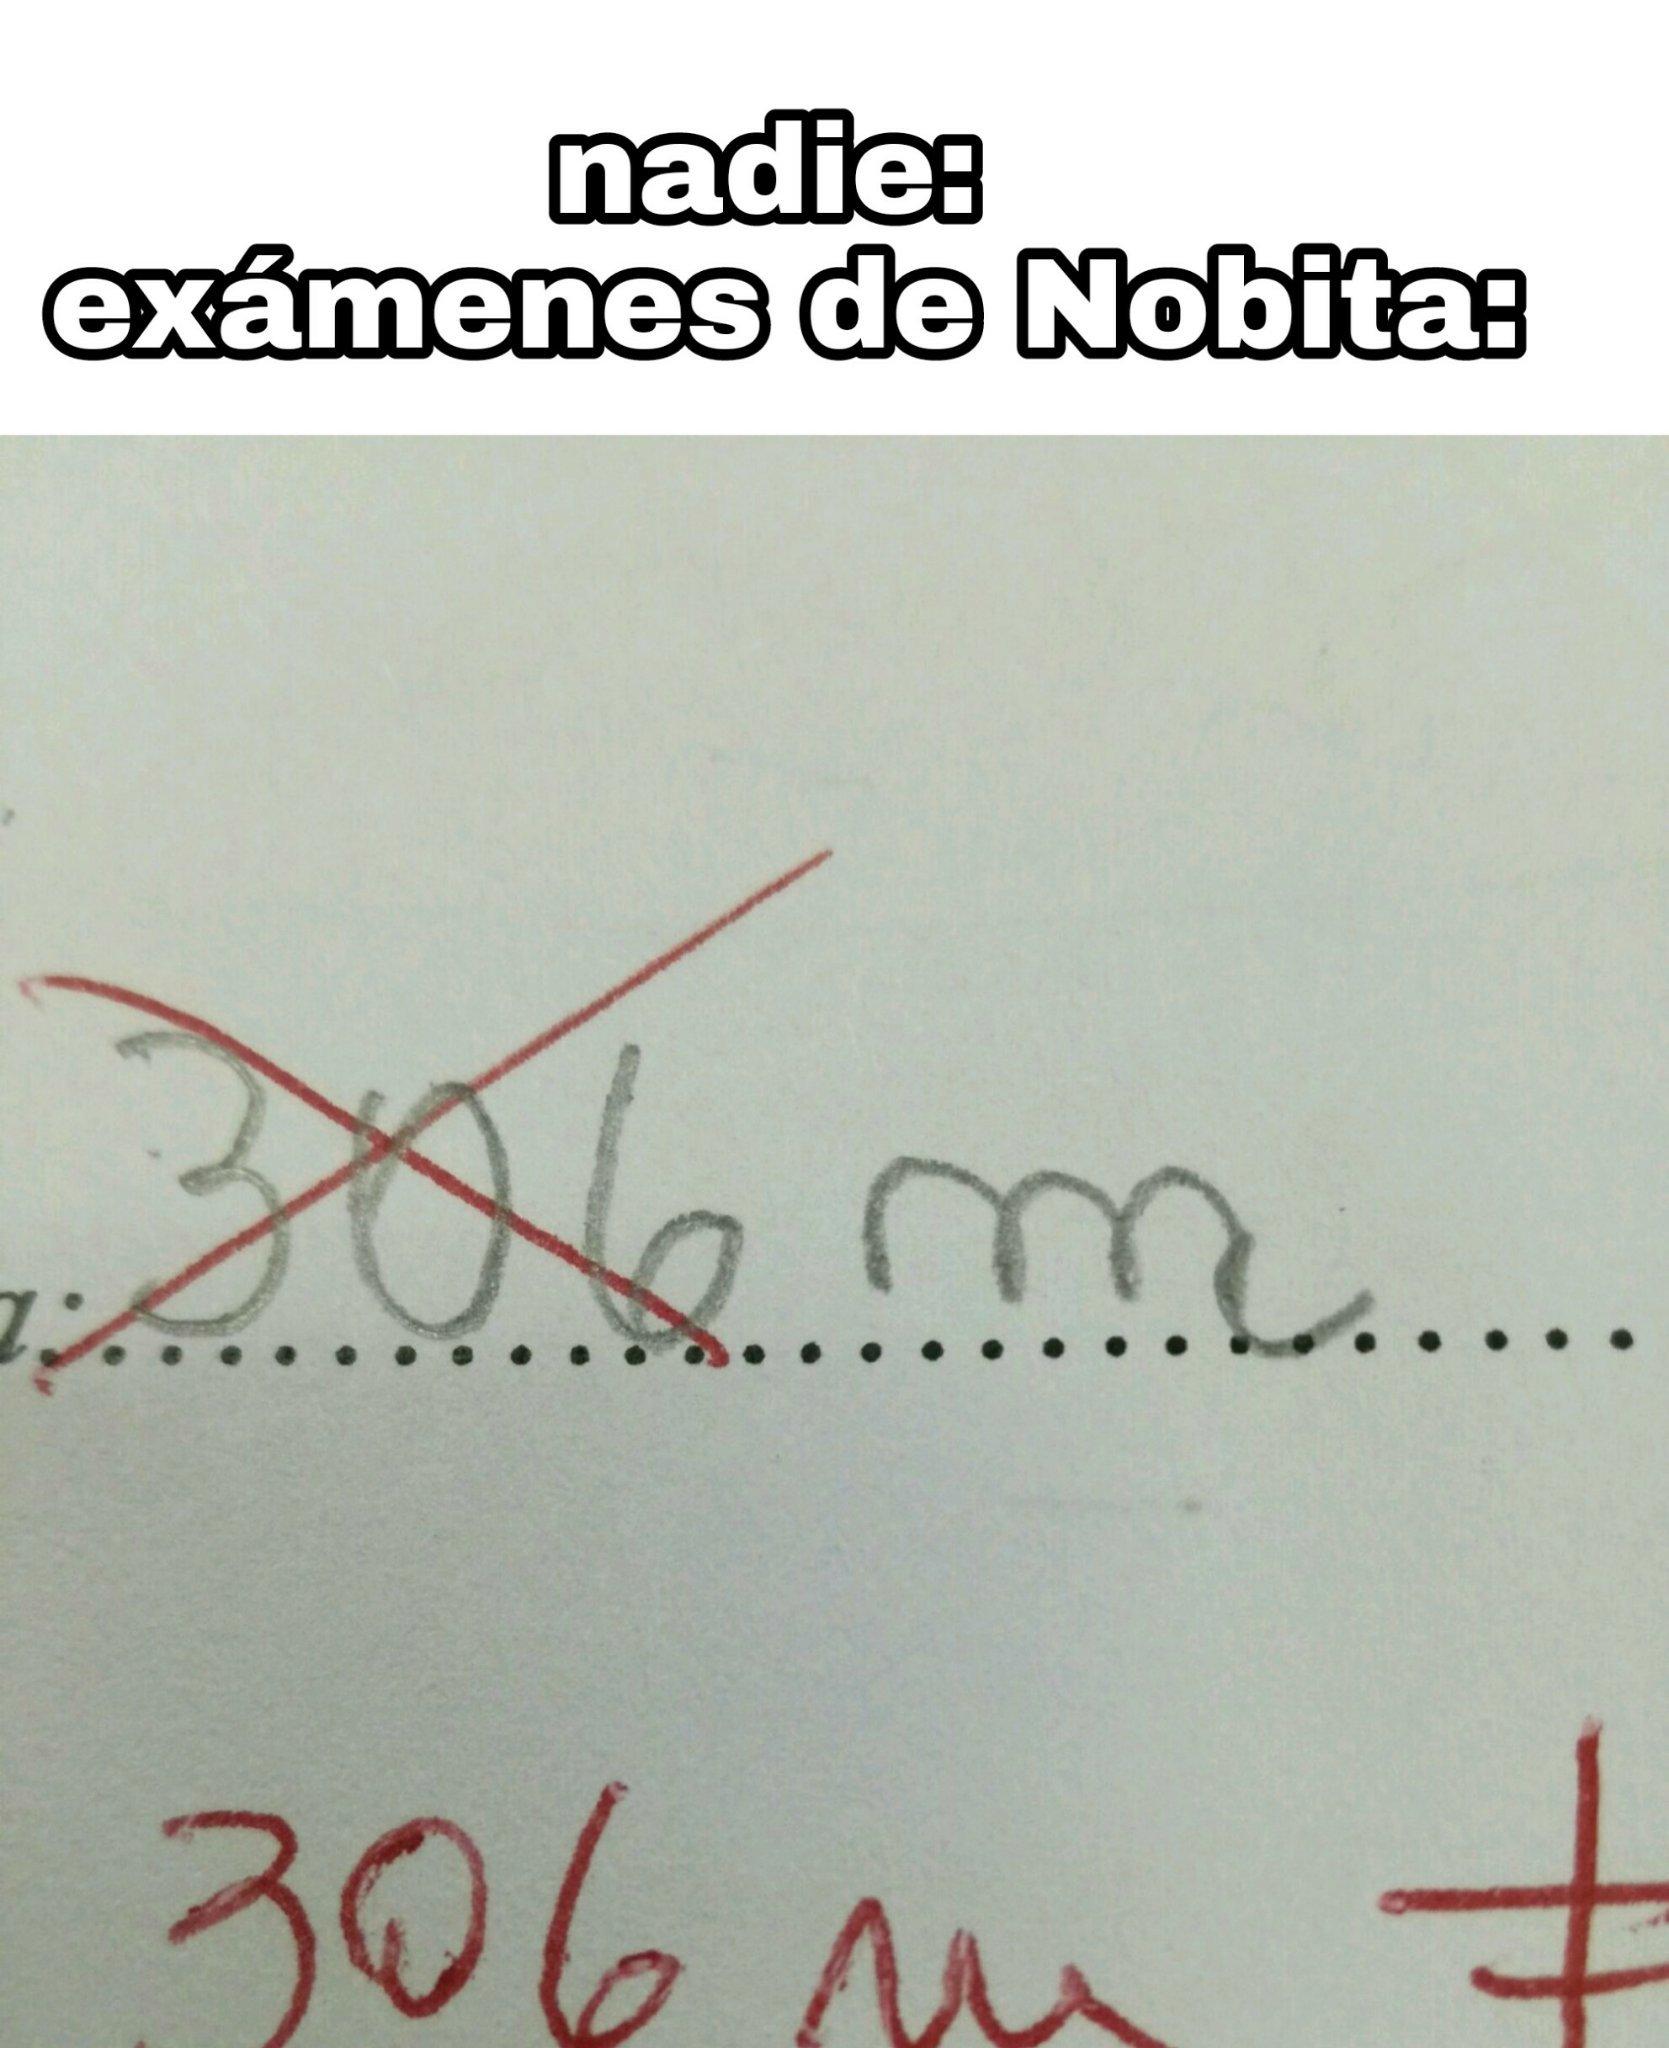 Mirad los exámenes de Nobita y entenderéis - meme